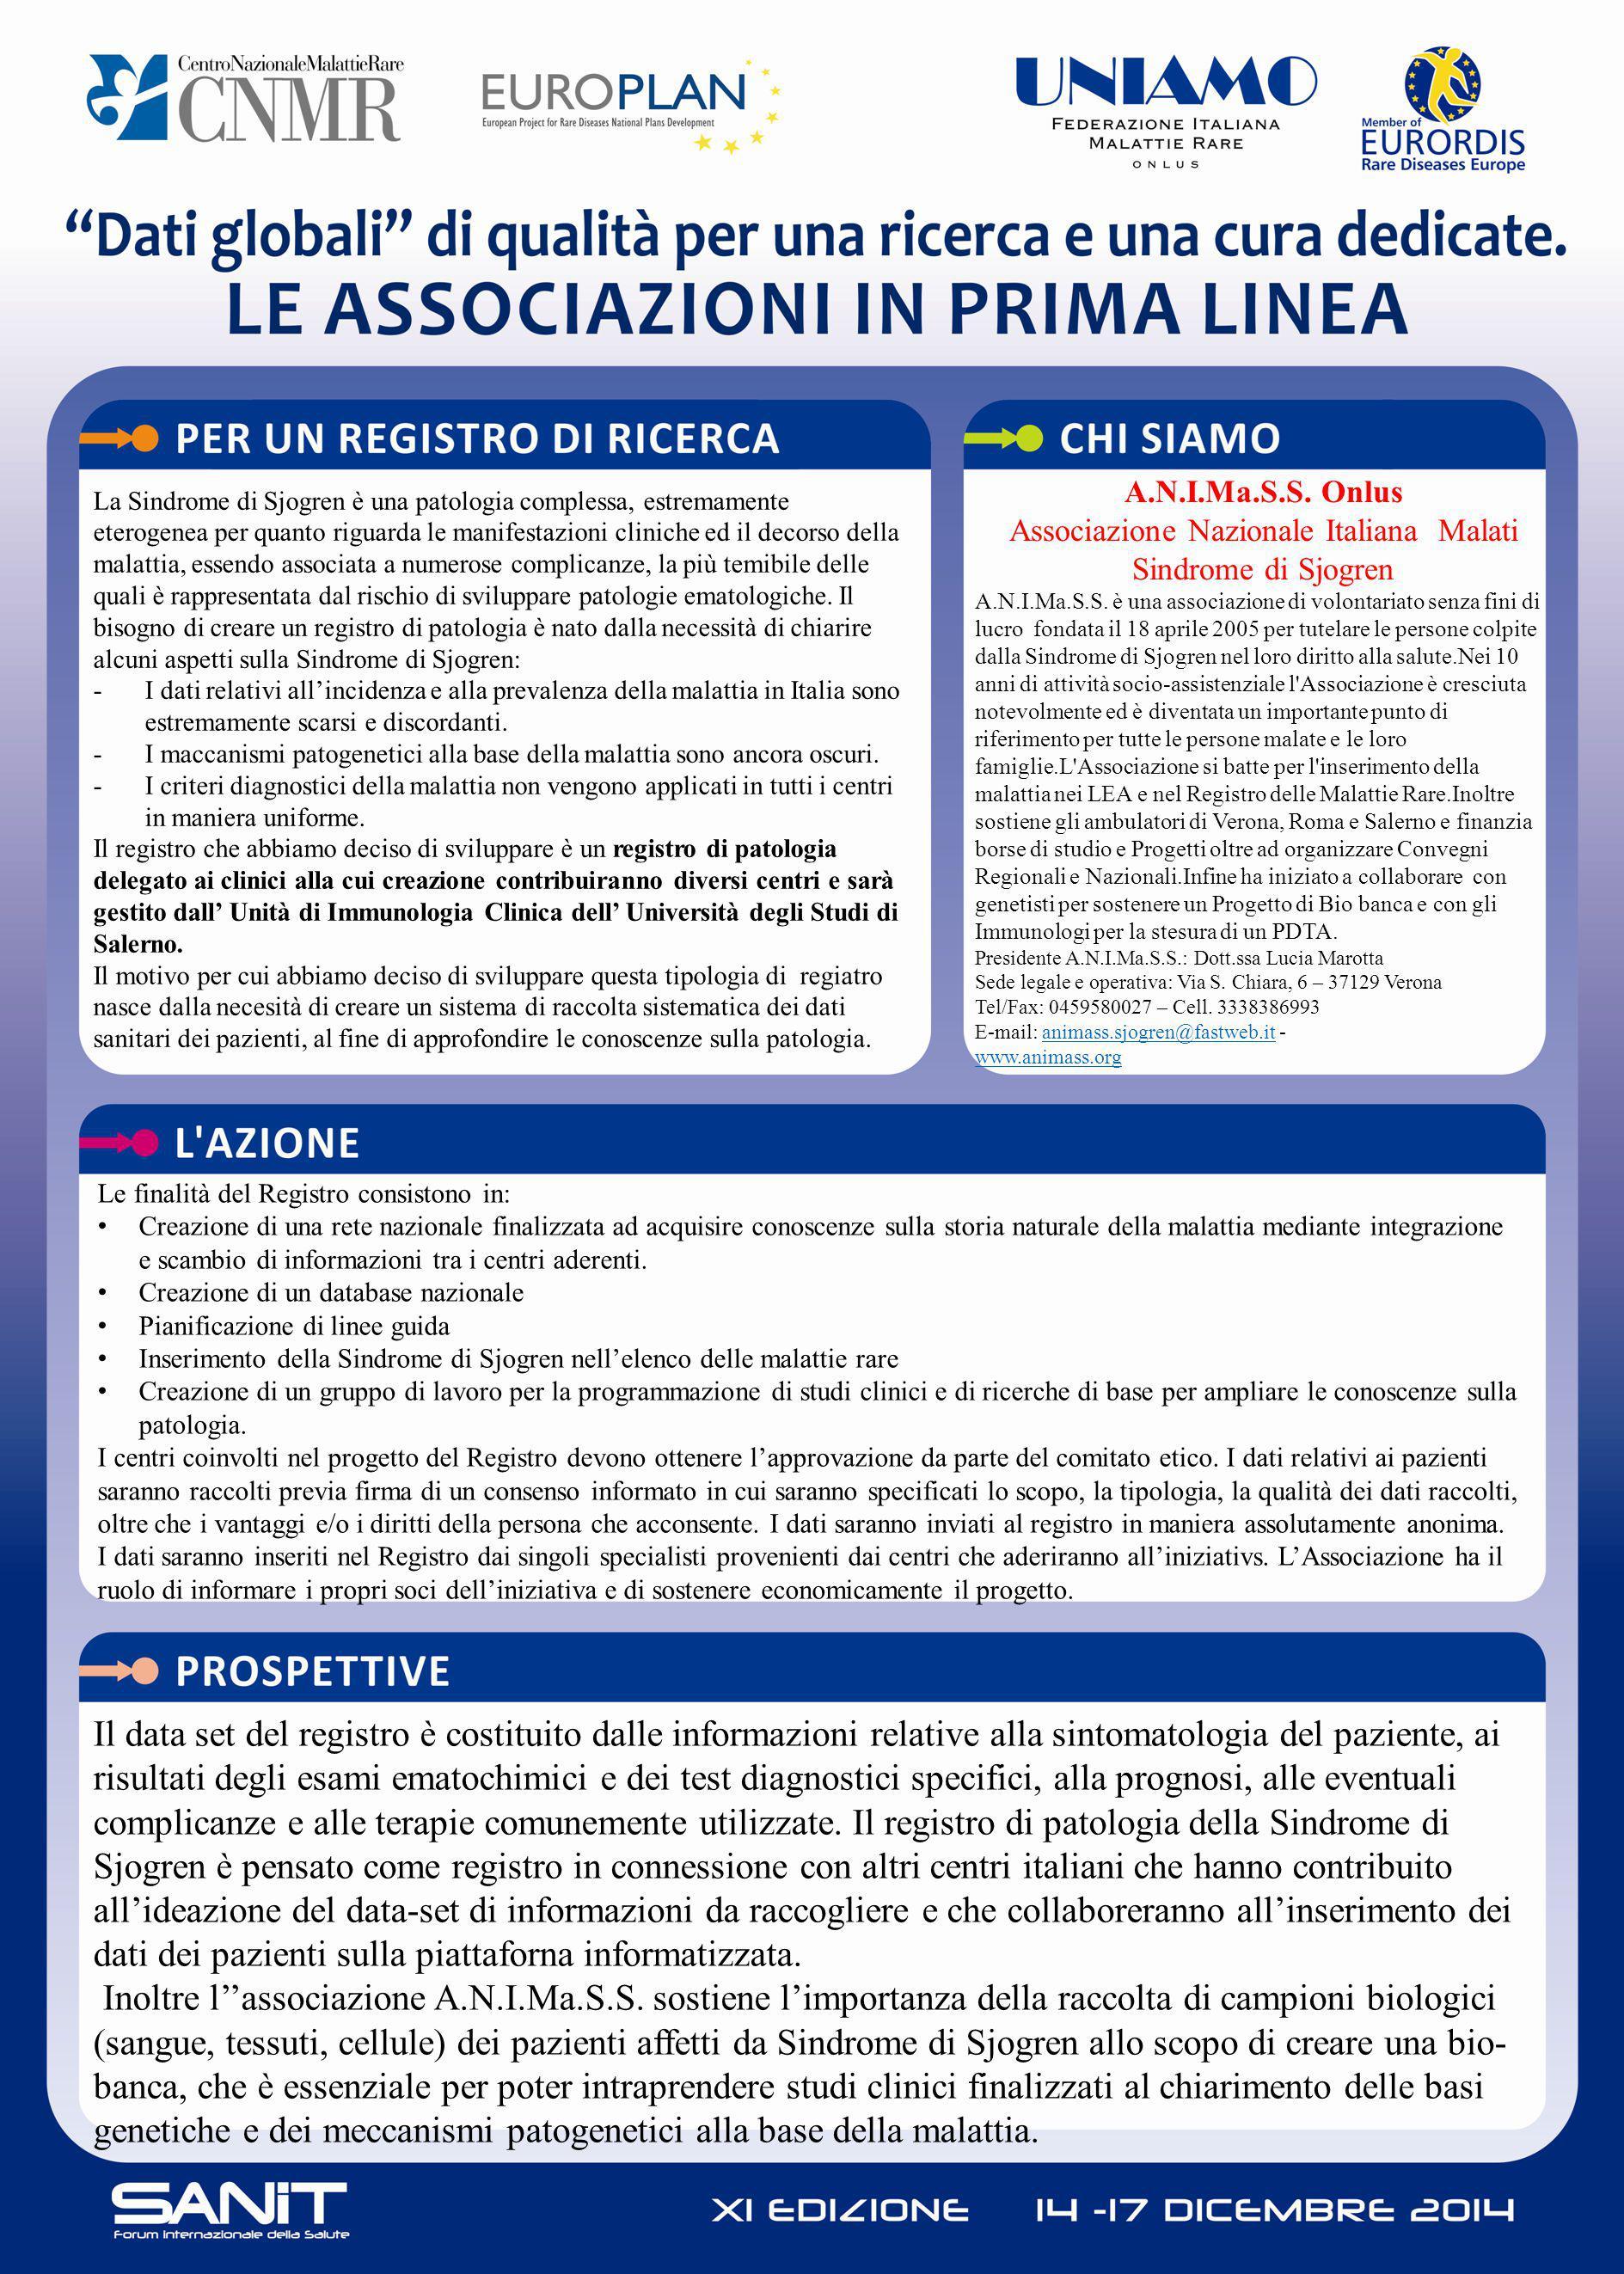 A.N.I.Ma.S.S. Onlus Associazione Nazionale Italiana Malati Sindrome di Sjogren A.N.I.Ma.S.S. è una associazione di volontariato senza fini di lucro fo